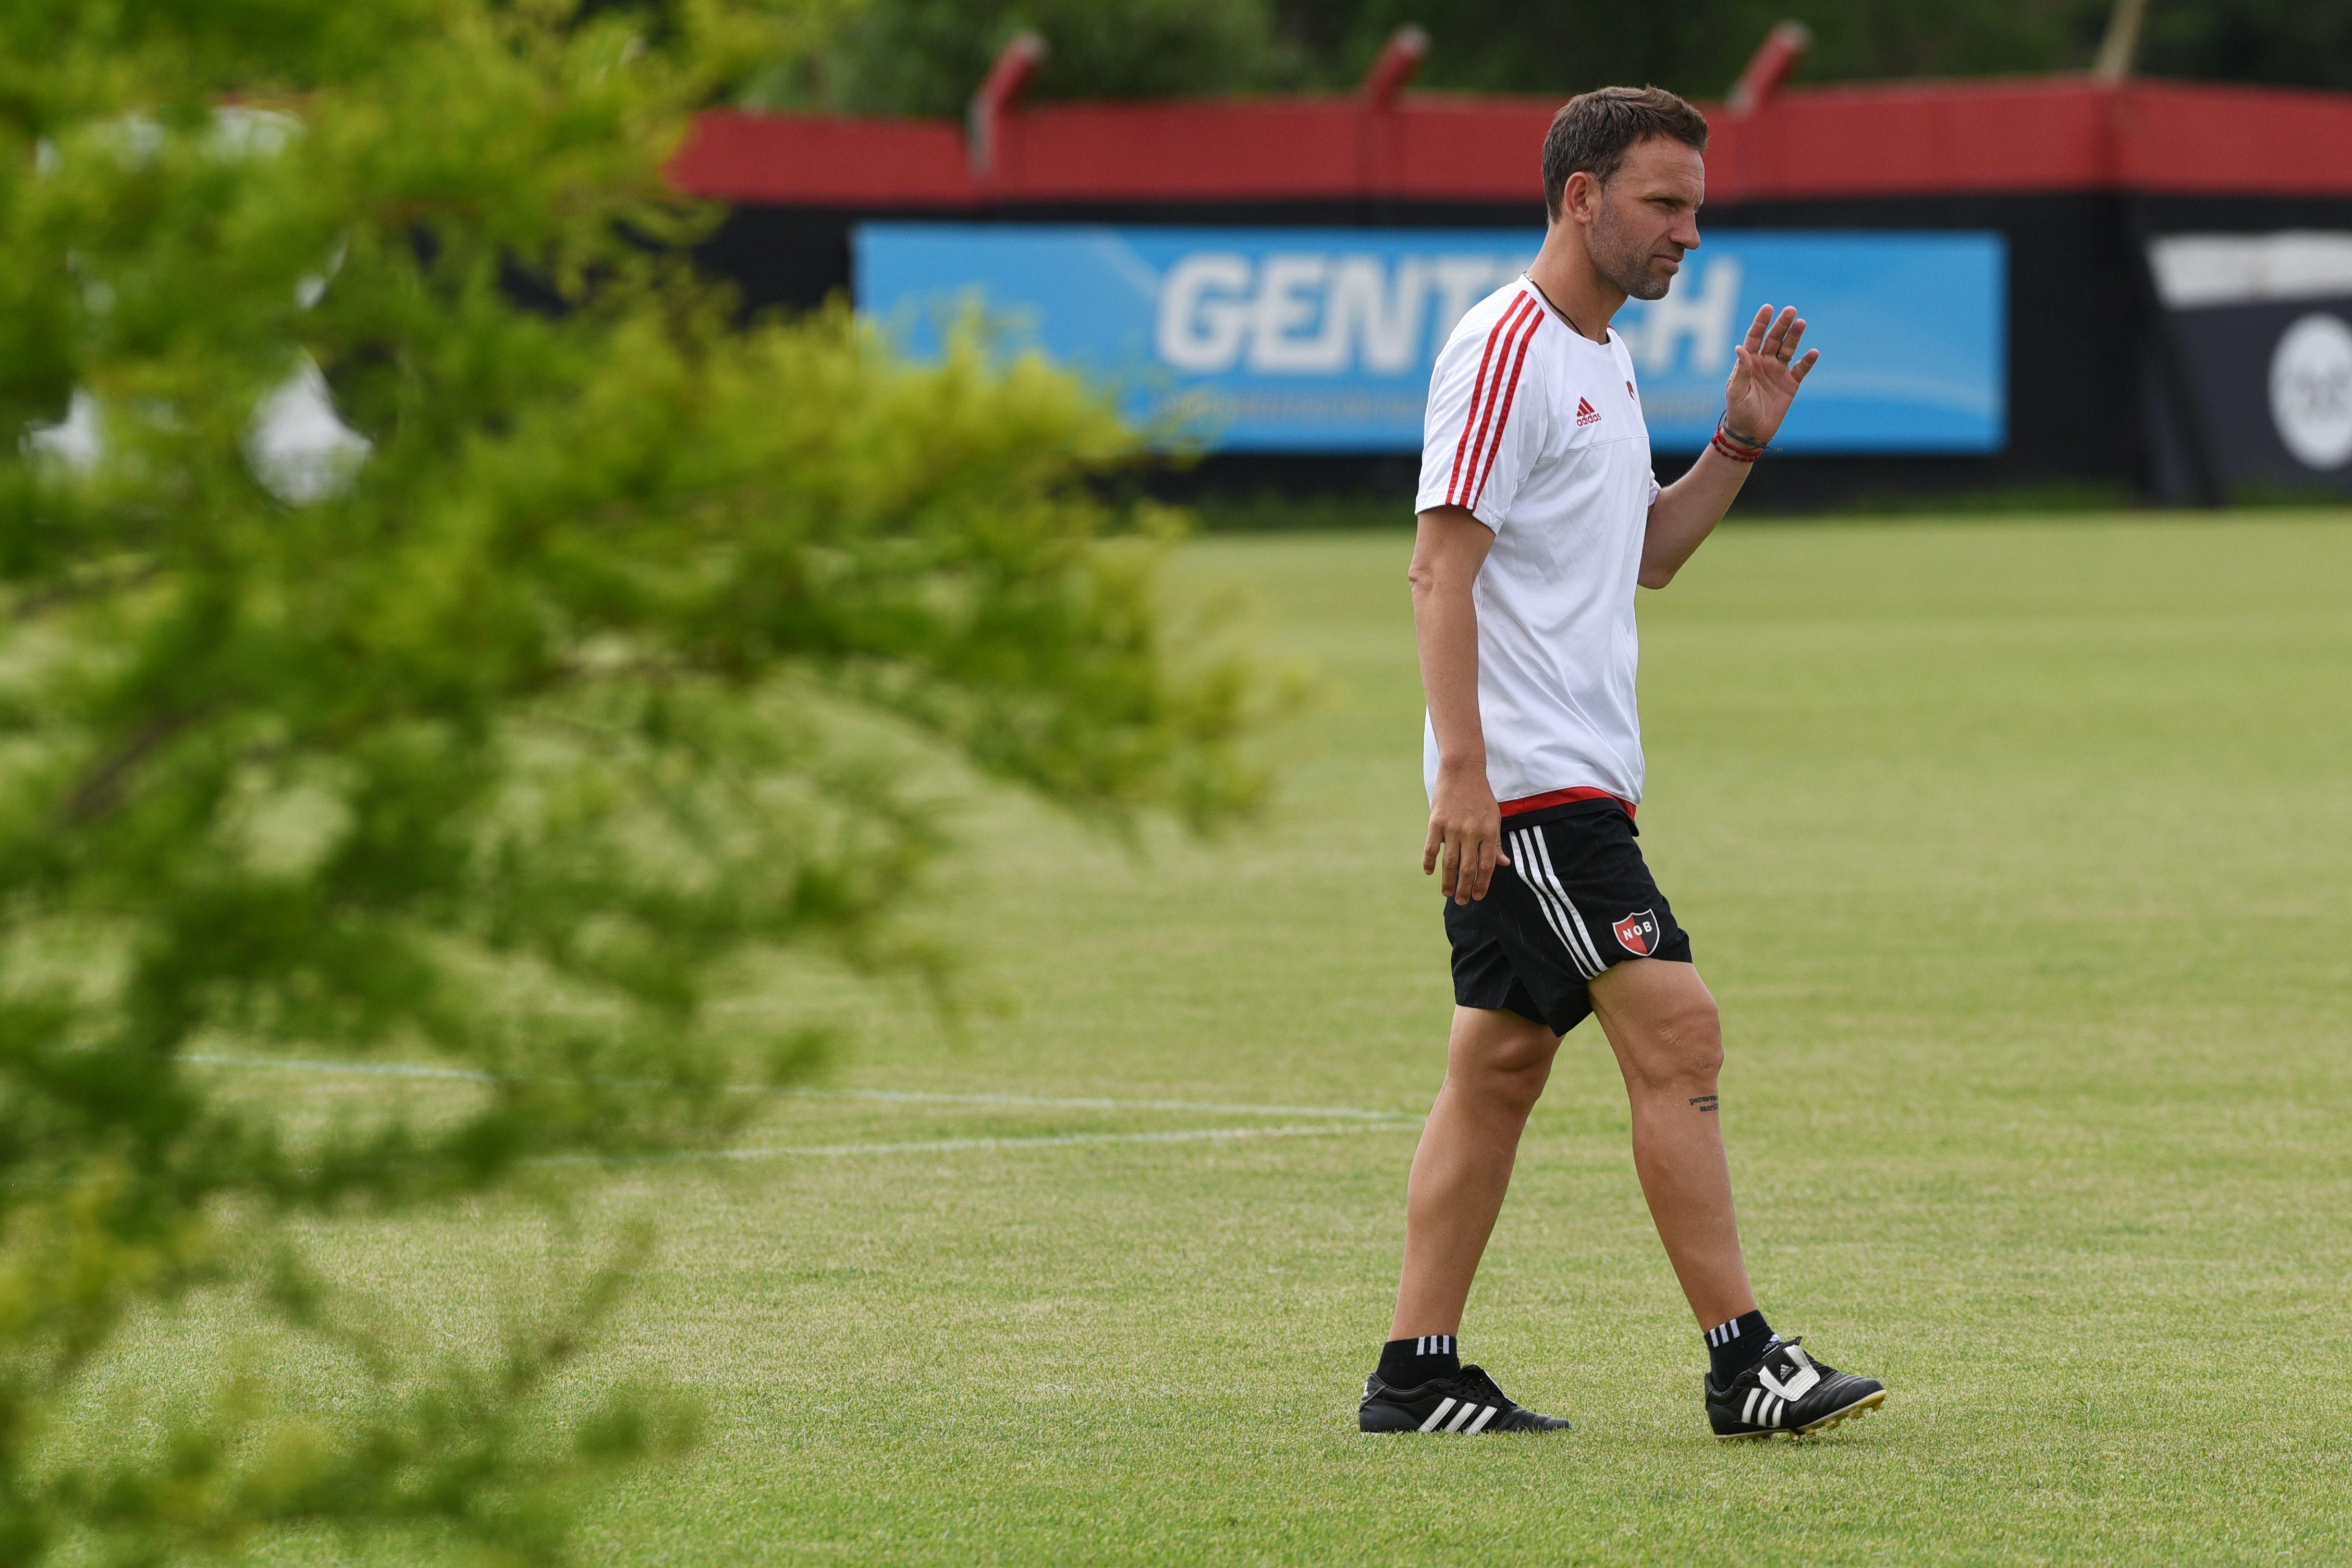 Apostando a llegar a la Sudamericana. El técnico no debe pensar más allá que en jugar ante Lanús